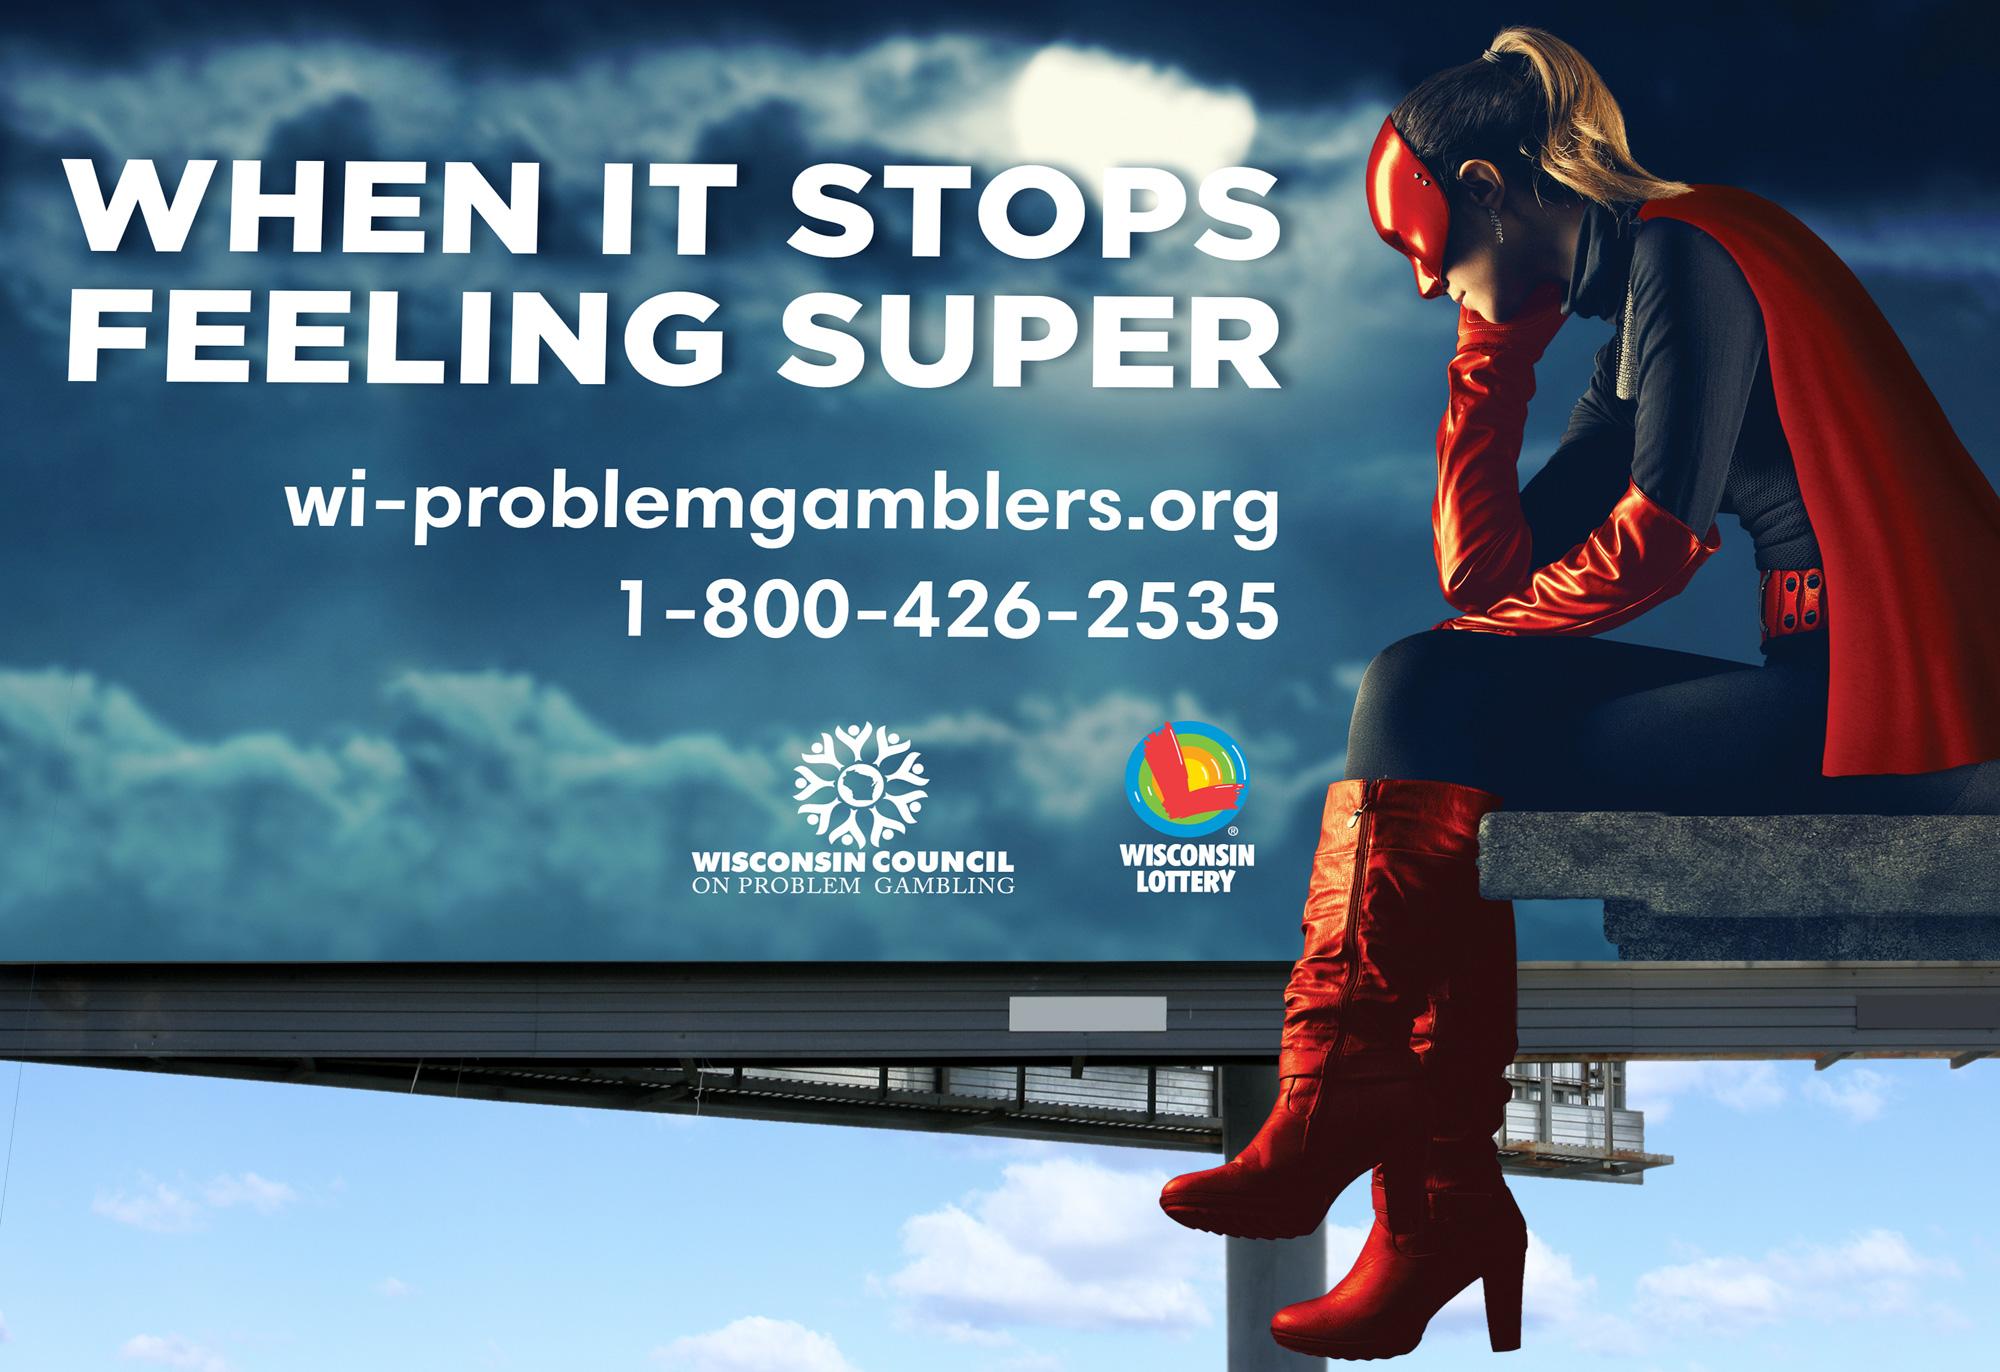 Wisconsin Lottery Billboard Mockup